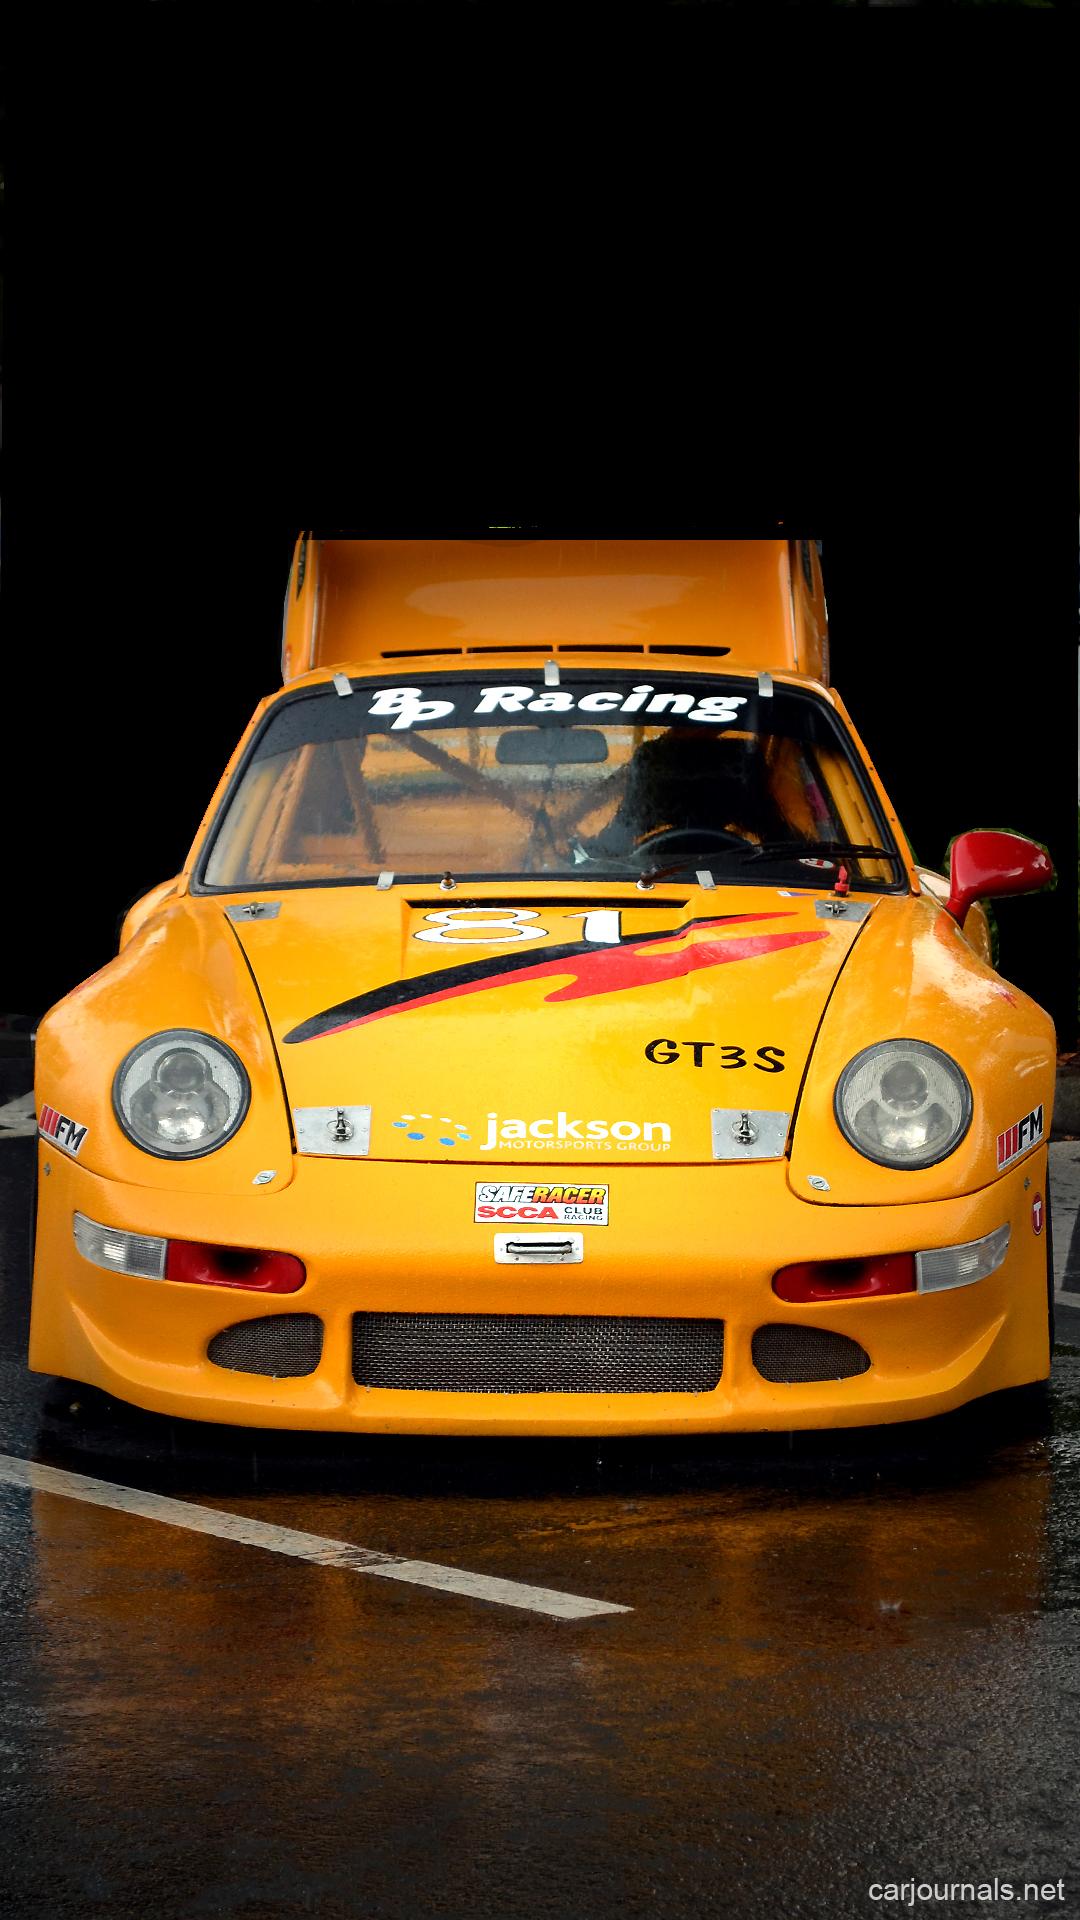 Iphone Car Wallpaper Porsche